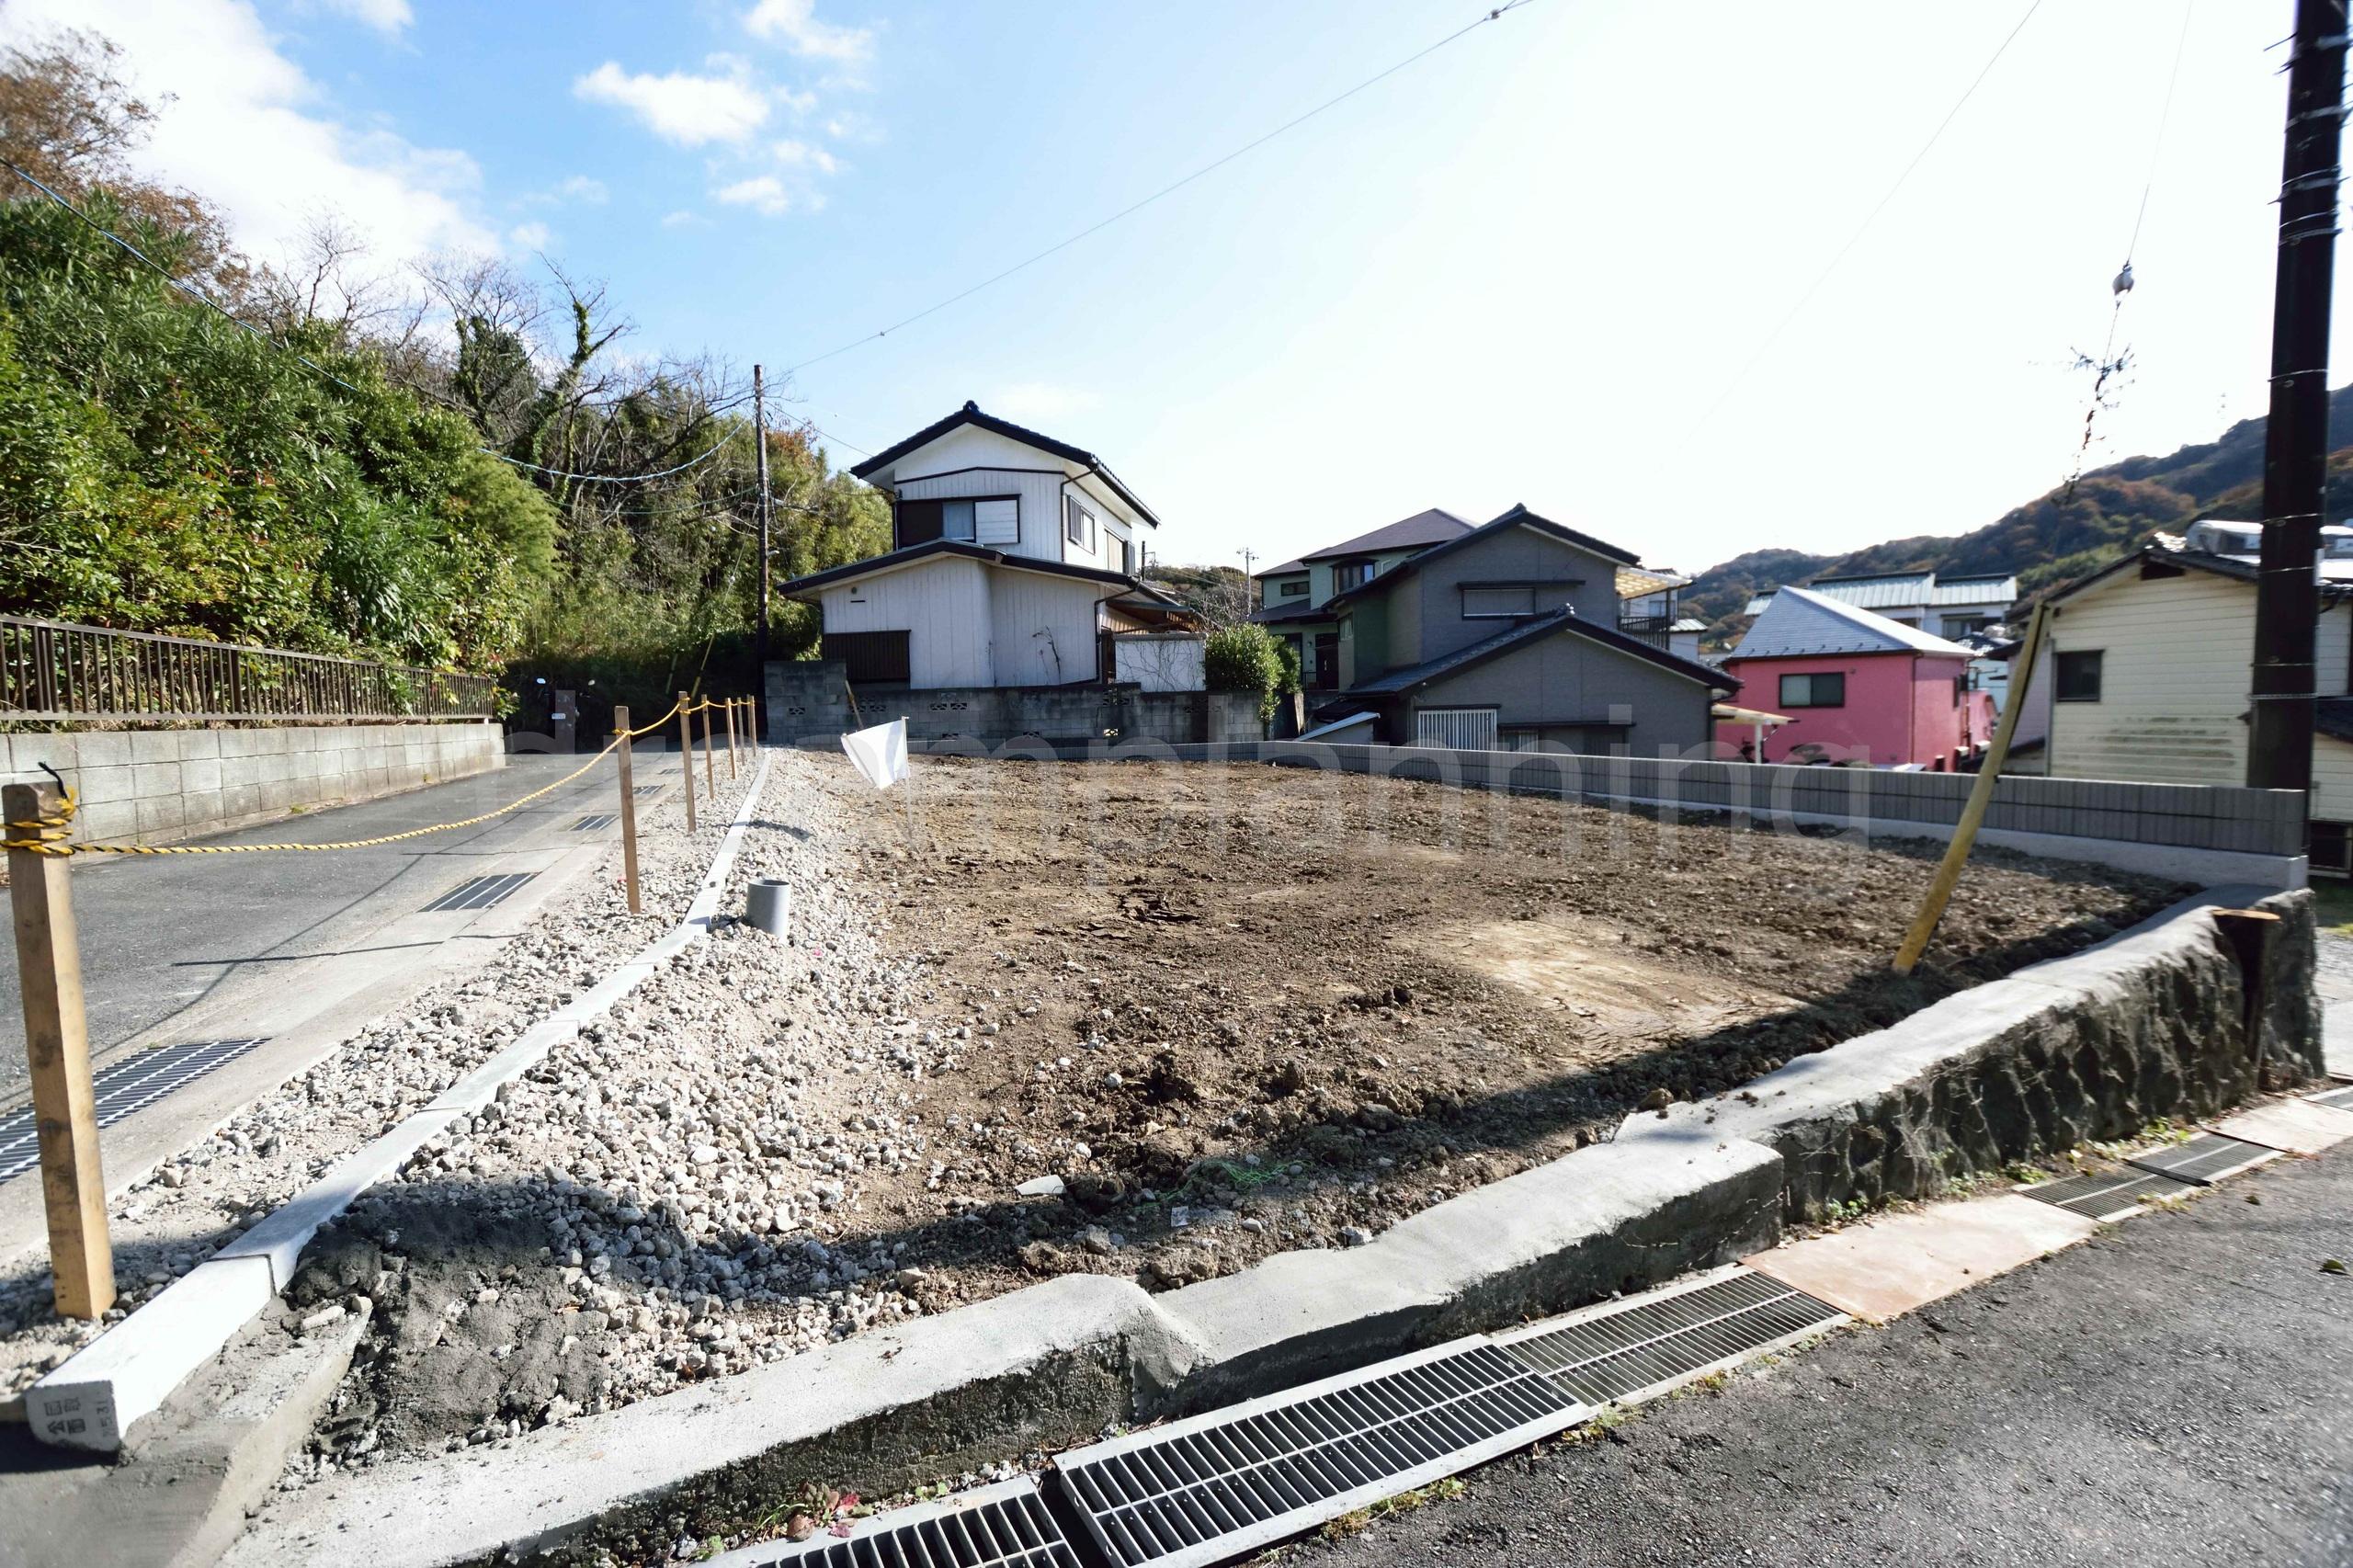 【外観写真】 11/14撮影